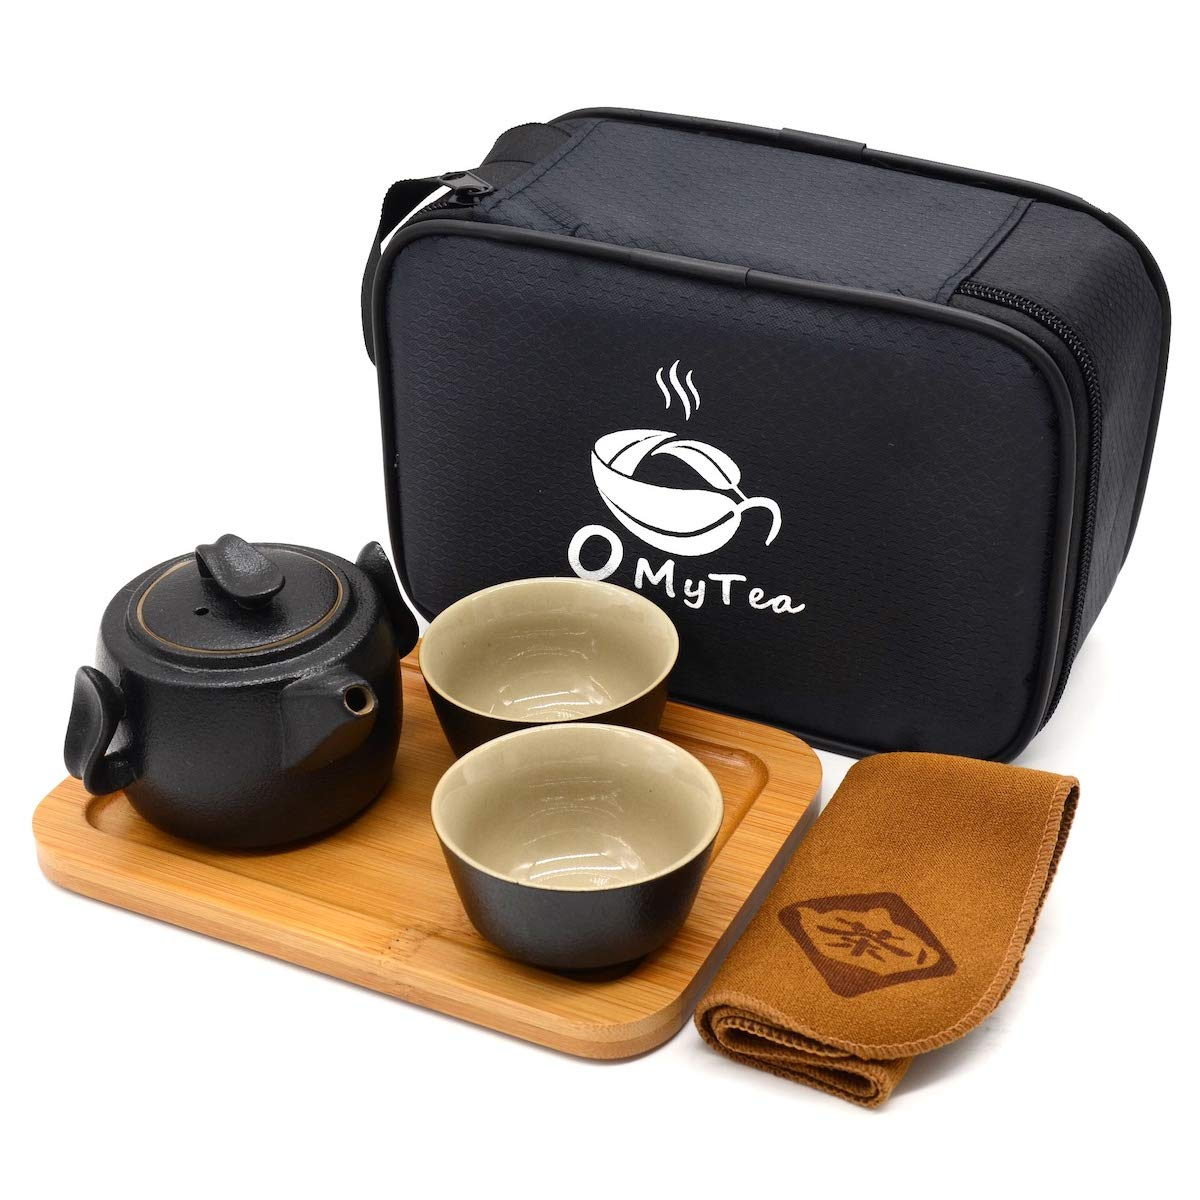 Juego de té Kungfu Gongfu, 100% hecho a mano, estilo chino y japonés